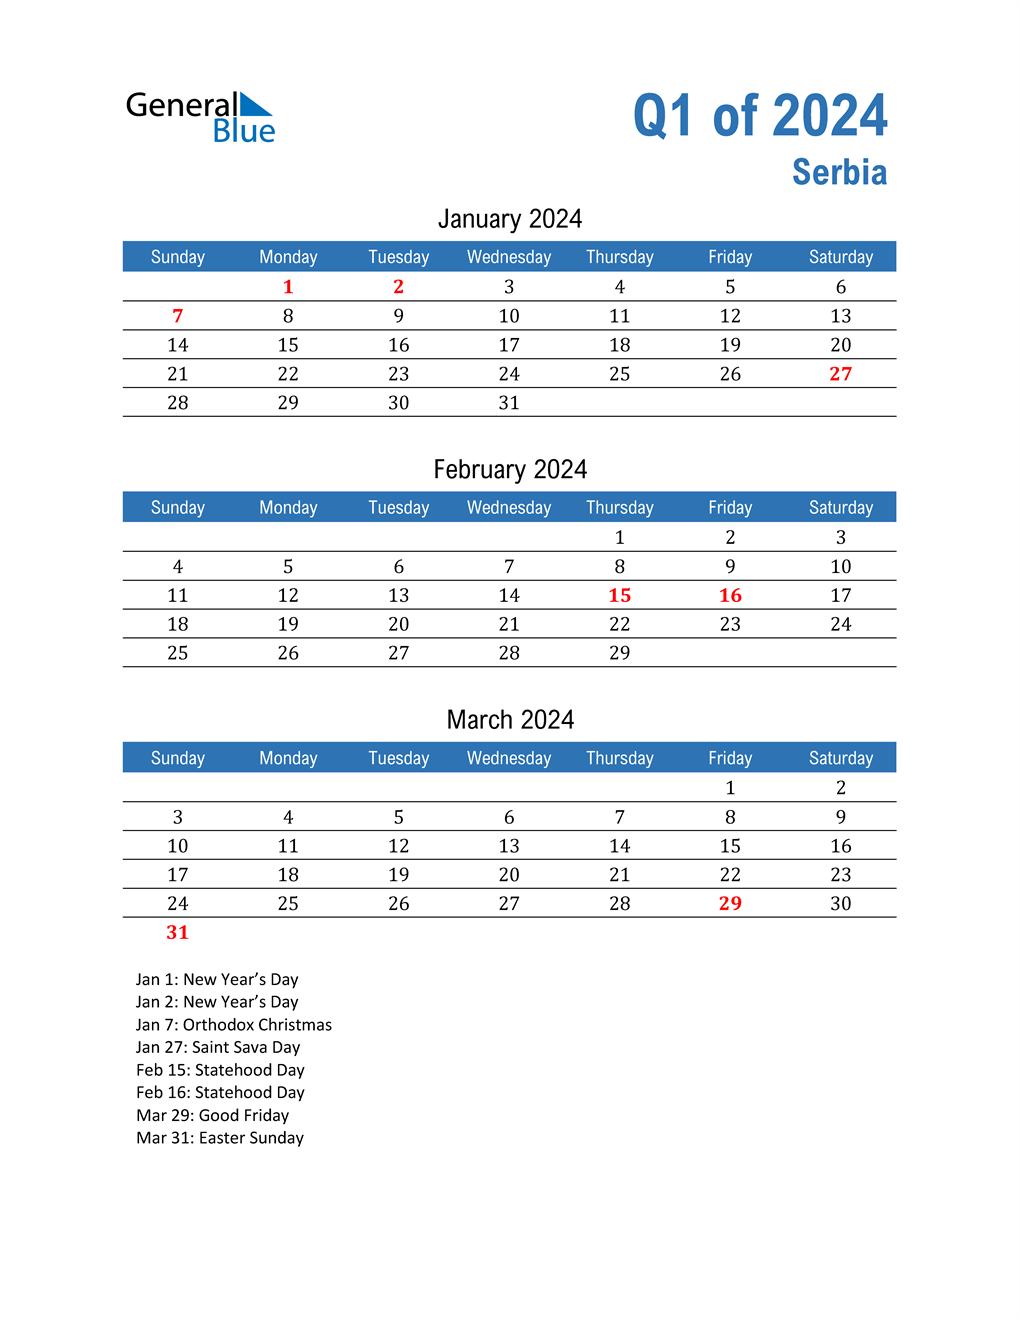 Serbia 2024 Quarterly Calendar